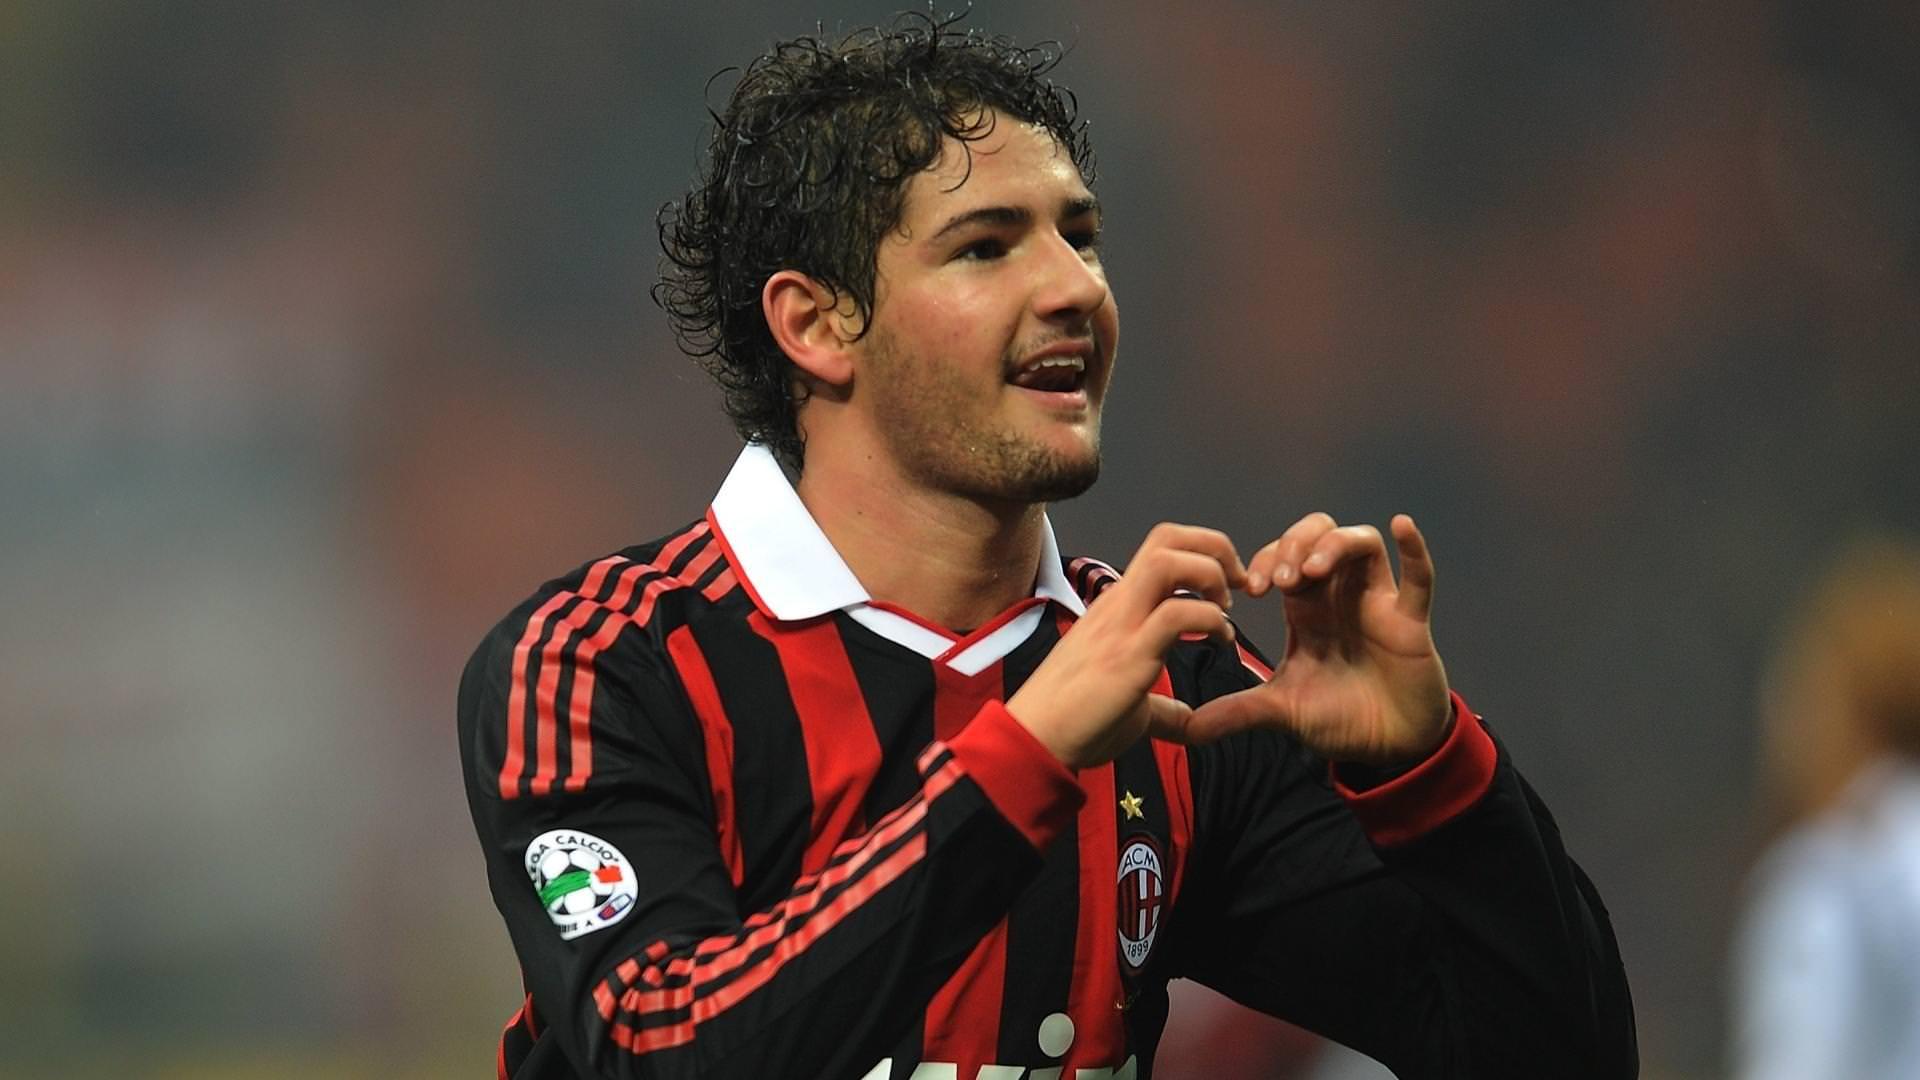 Pato e il Milan